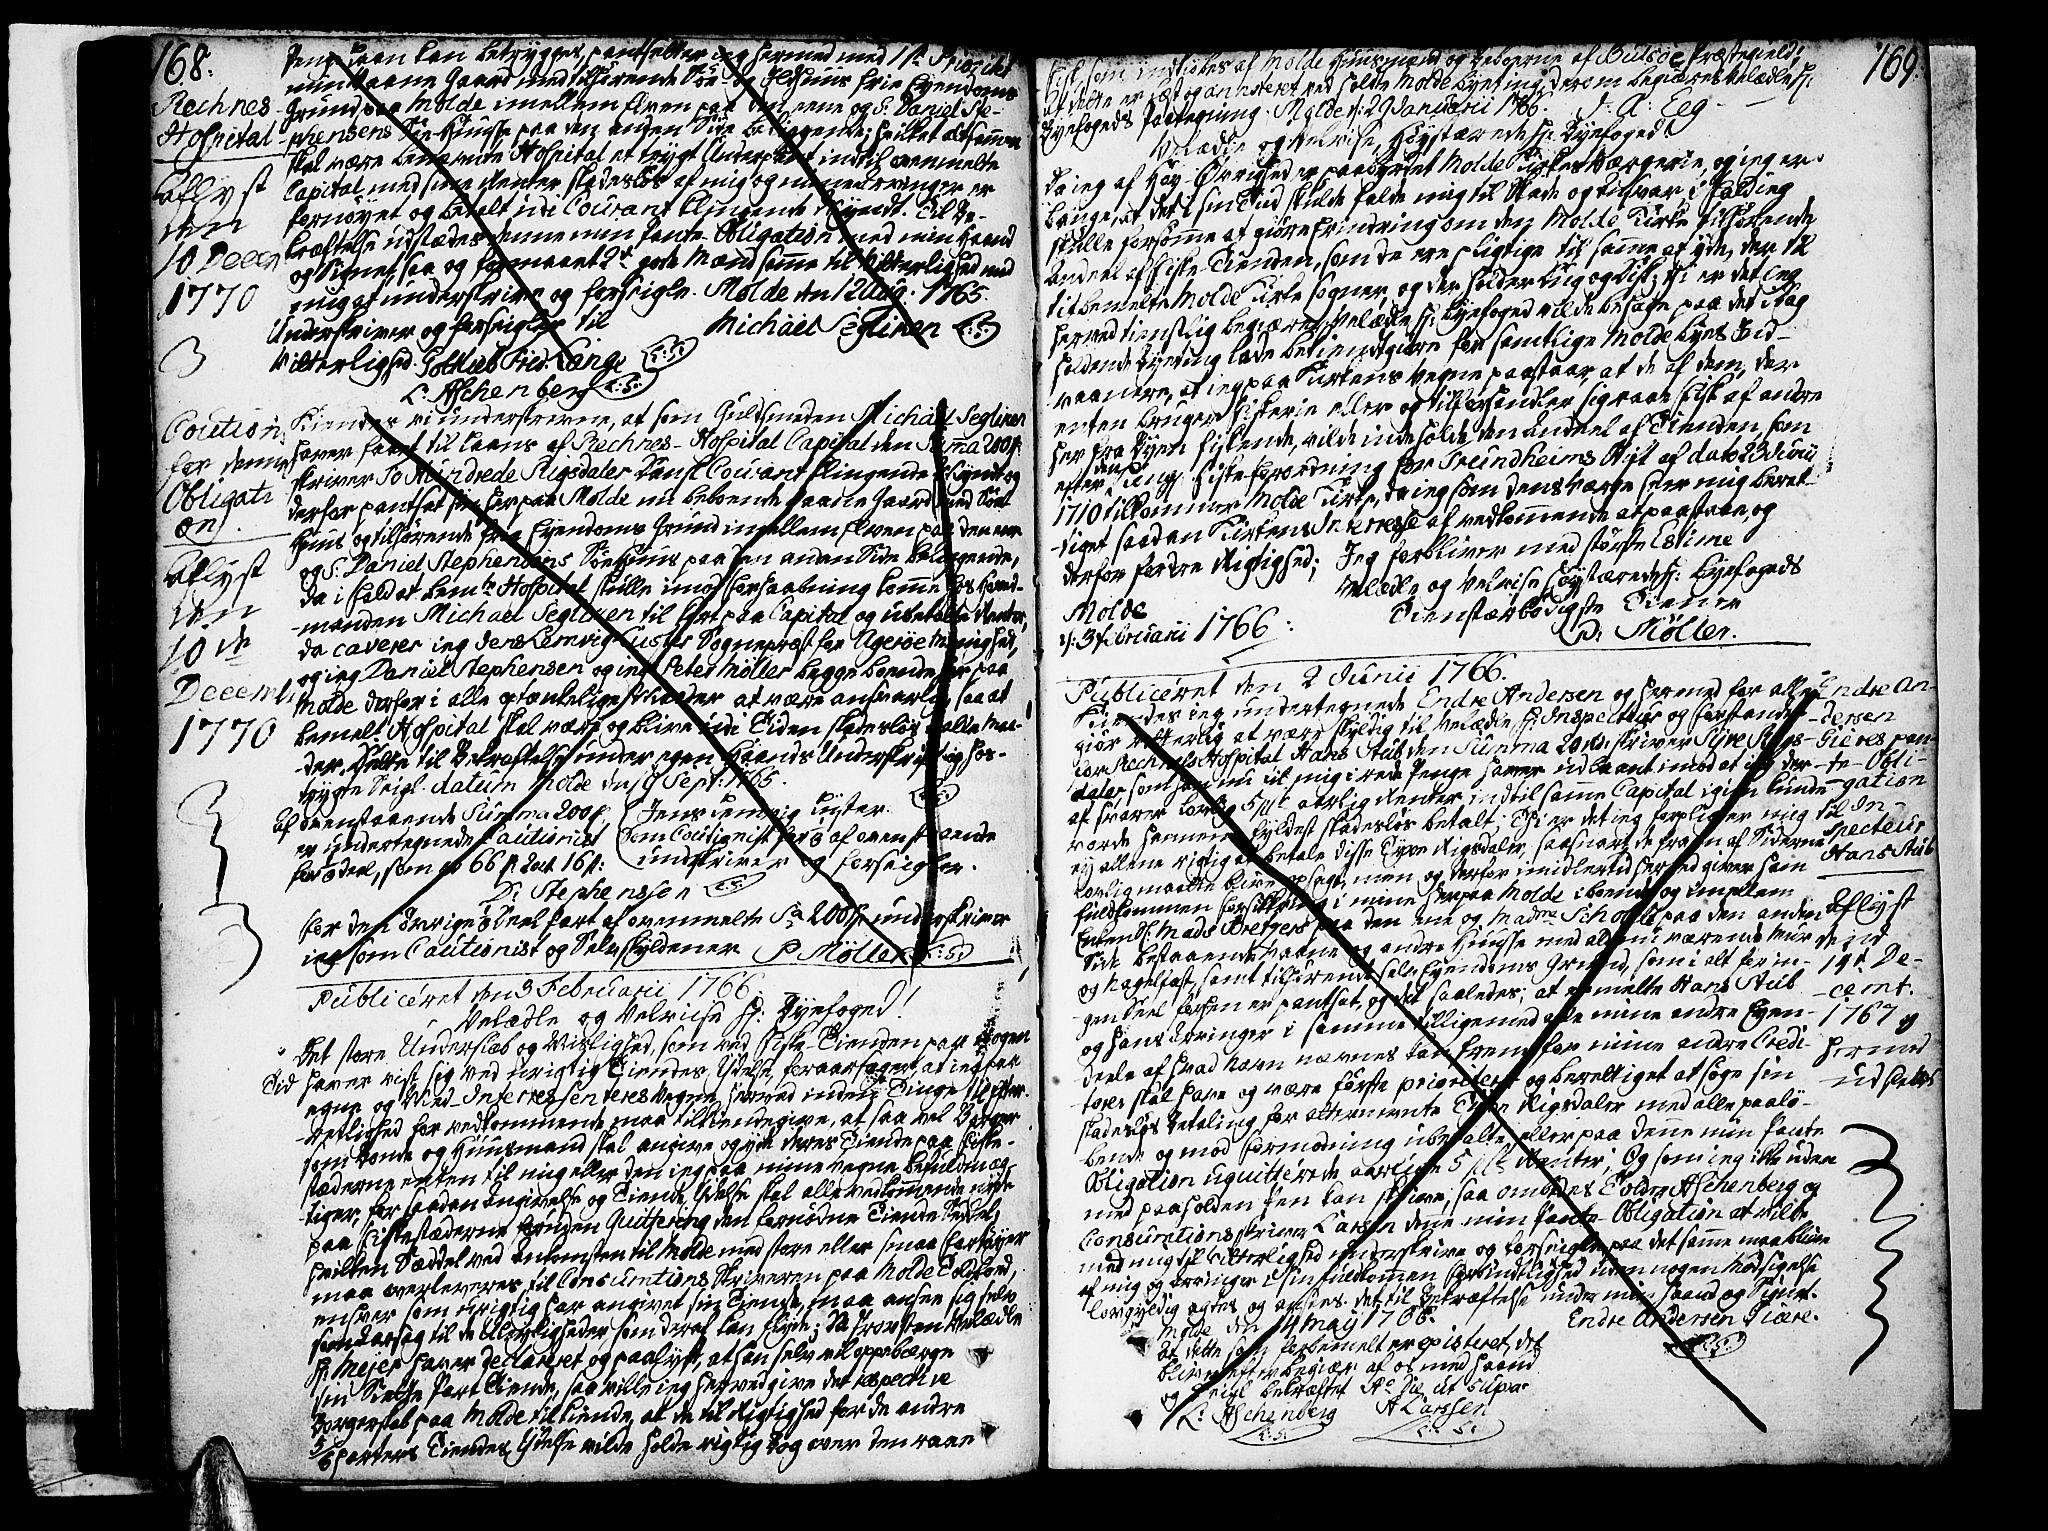 SAT, Molde byfogd, 2C/L0001: Pantebok nr. 1, 1748-1823, s. 168-169